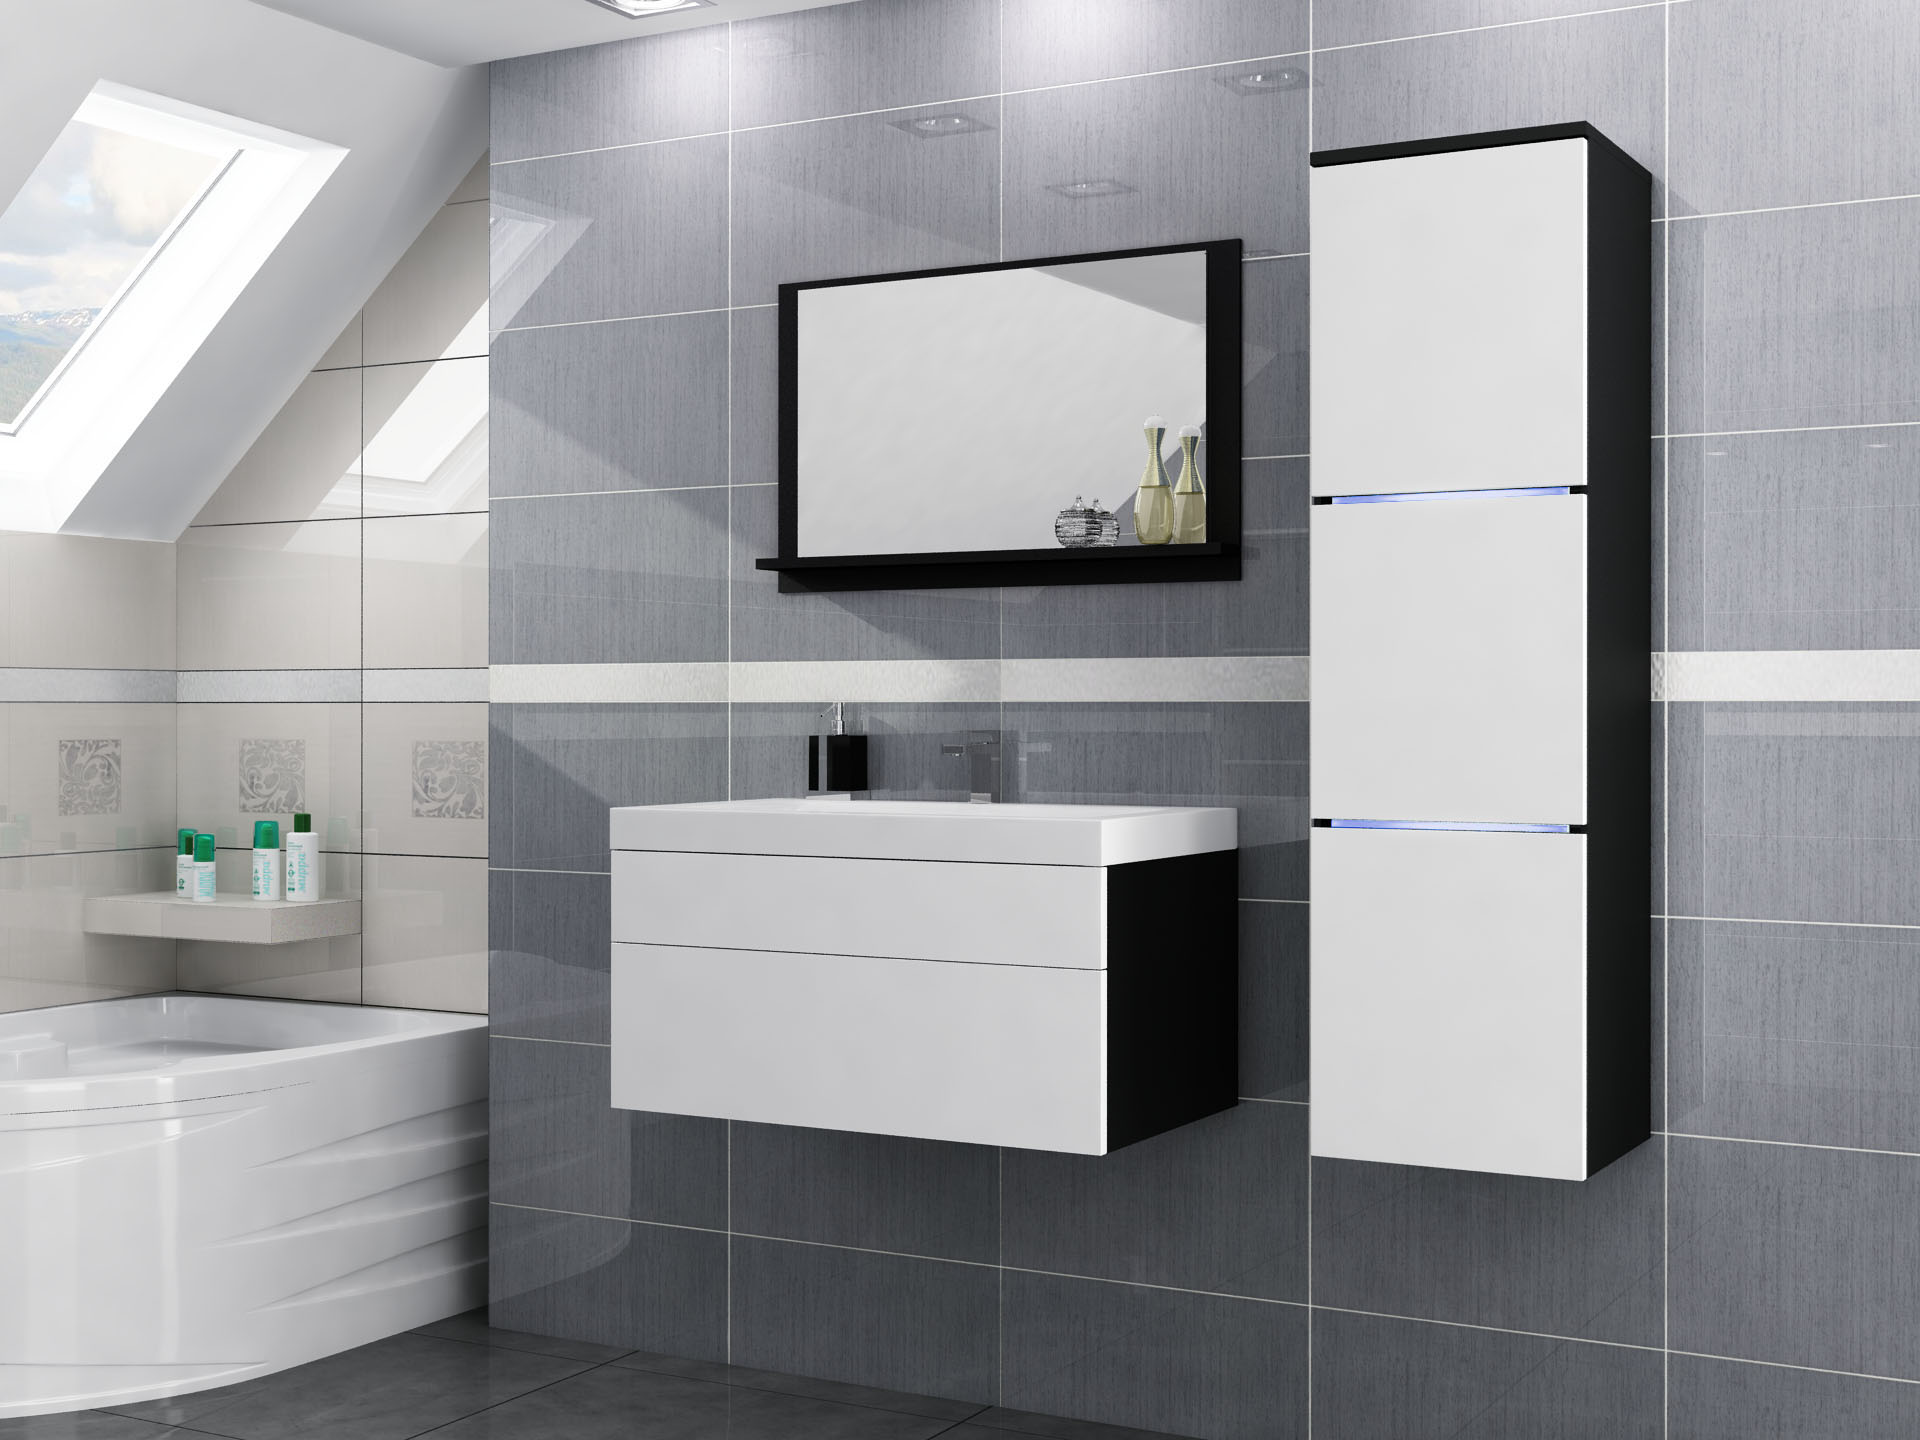 łazienka Biała Nowoczesna Mebleumywalka 7022352259